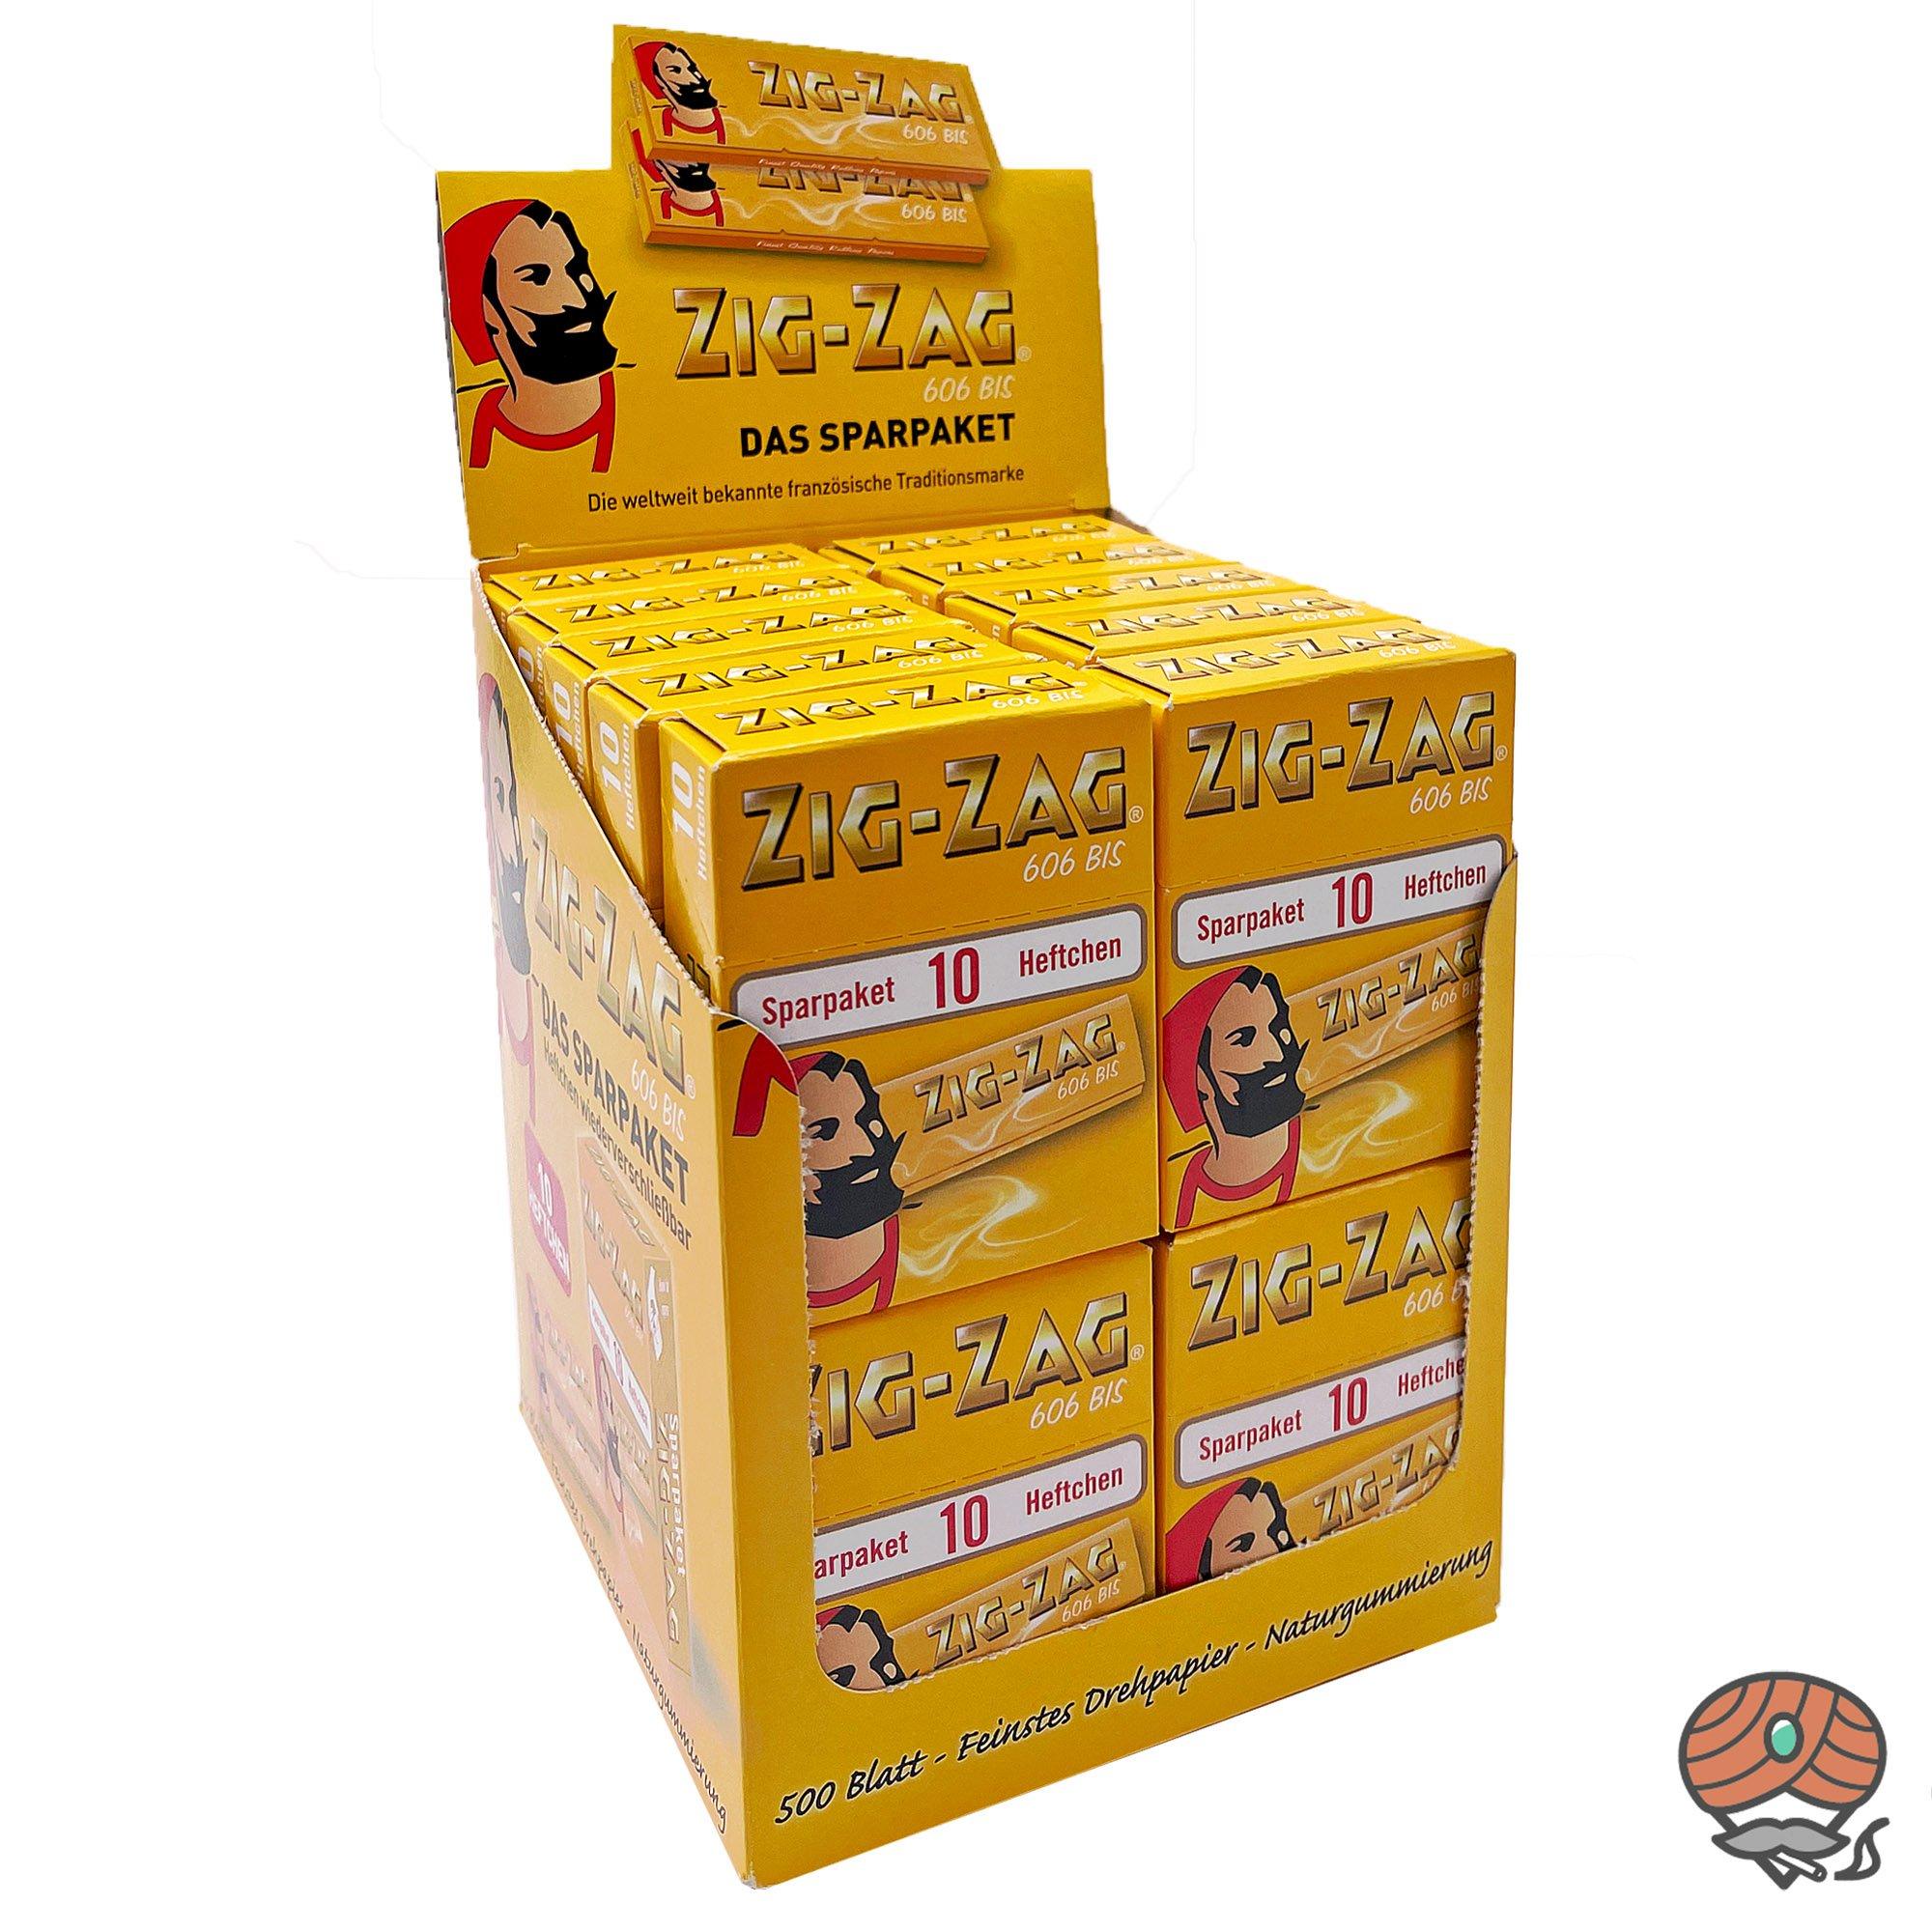 20 x Zig-Zag Gelb im Sparpack Nr.606 Blättchen / Drehpapier à 500 Blatt